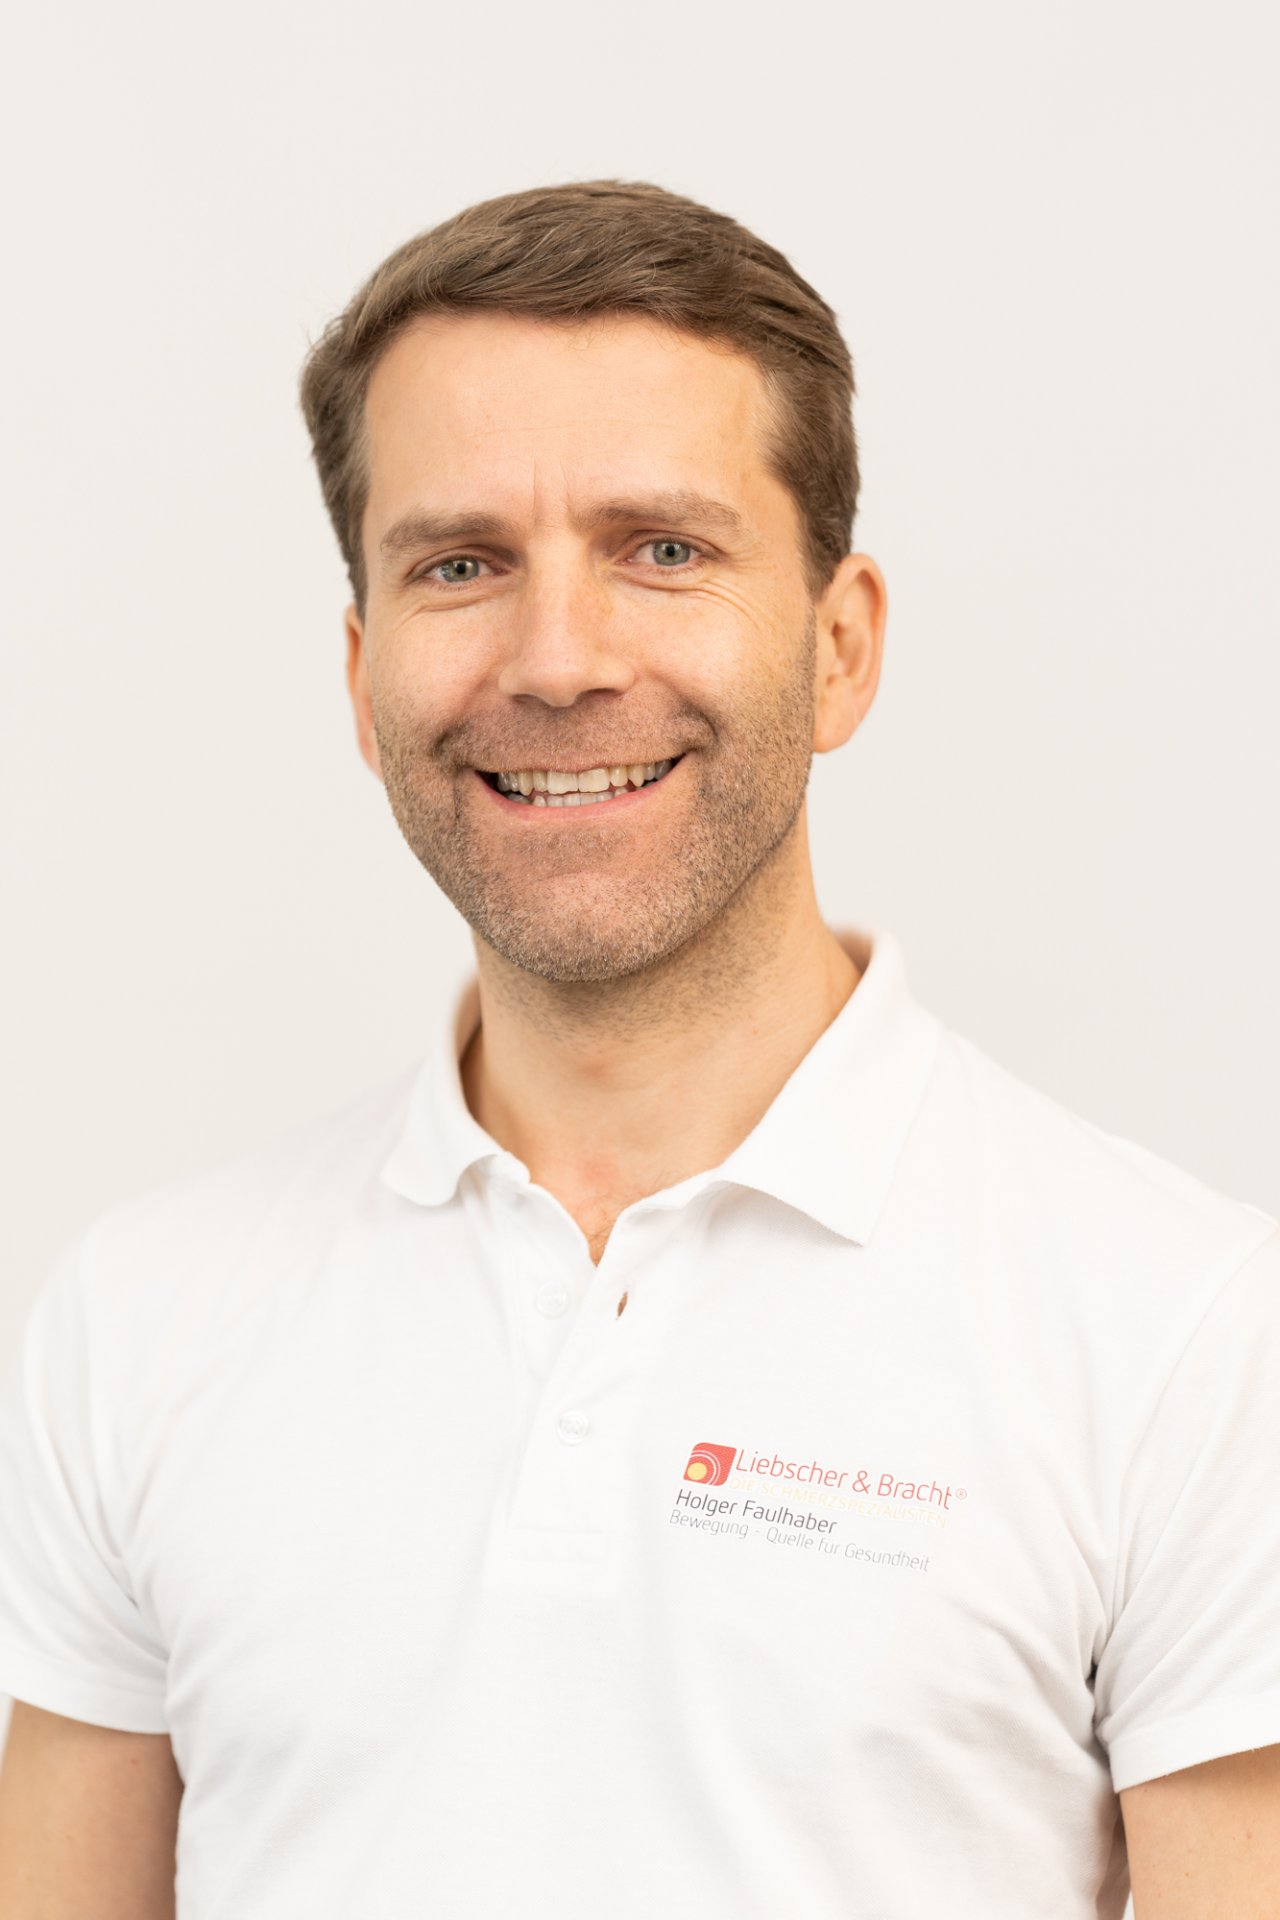 Schmerzspezialist Holger Faulhaber steht lächelnd vor einem dunkelgrauen Hintergrund. Er trägt ein türkisfarbenes T-Shirt und eine hellbraune eckige Brille.